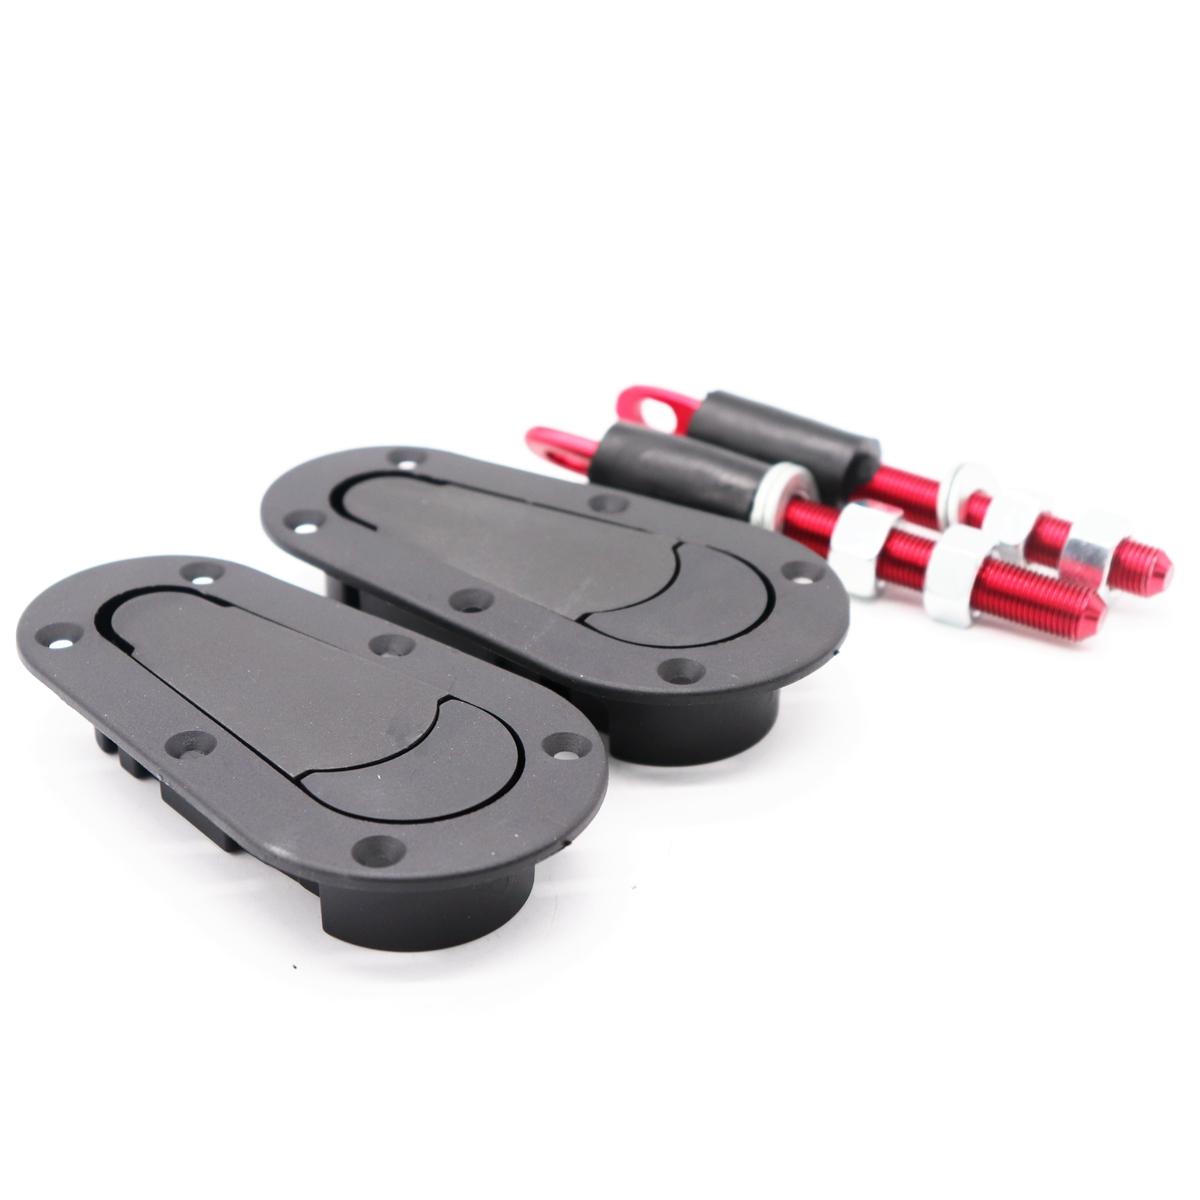 汽车引擎机盖锁改装 隐形车头盖锁通用型锁扣赛车配件发动机盖锁